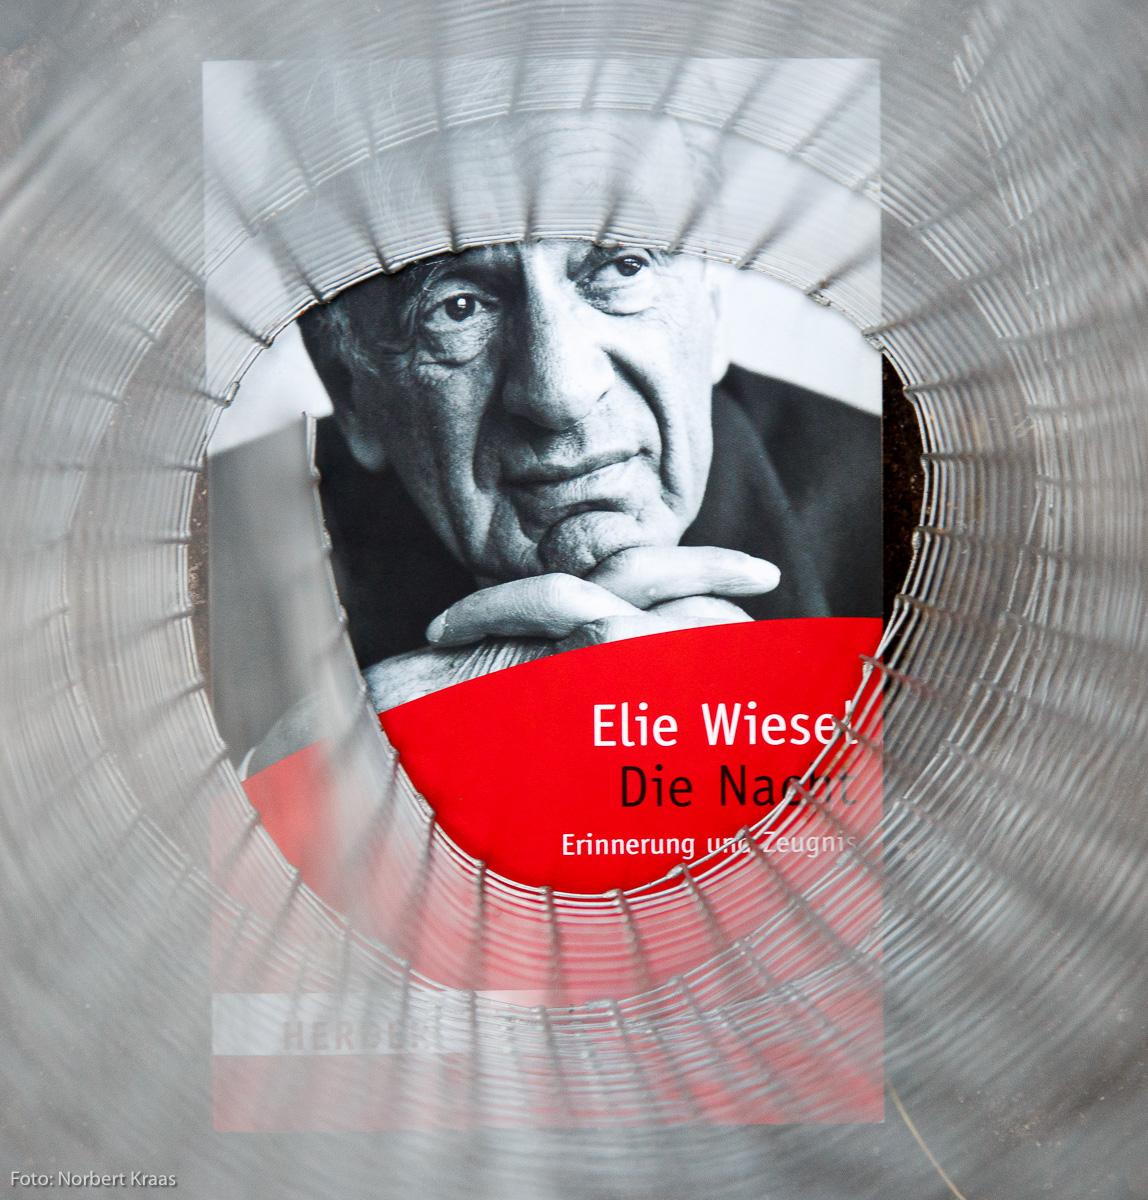 Elie Wiesel: Die Nacht - Erinnerung und Zeugnis, Herder Verlag Freiburg